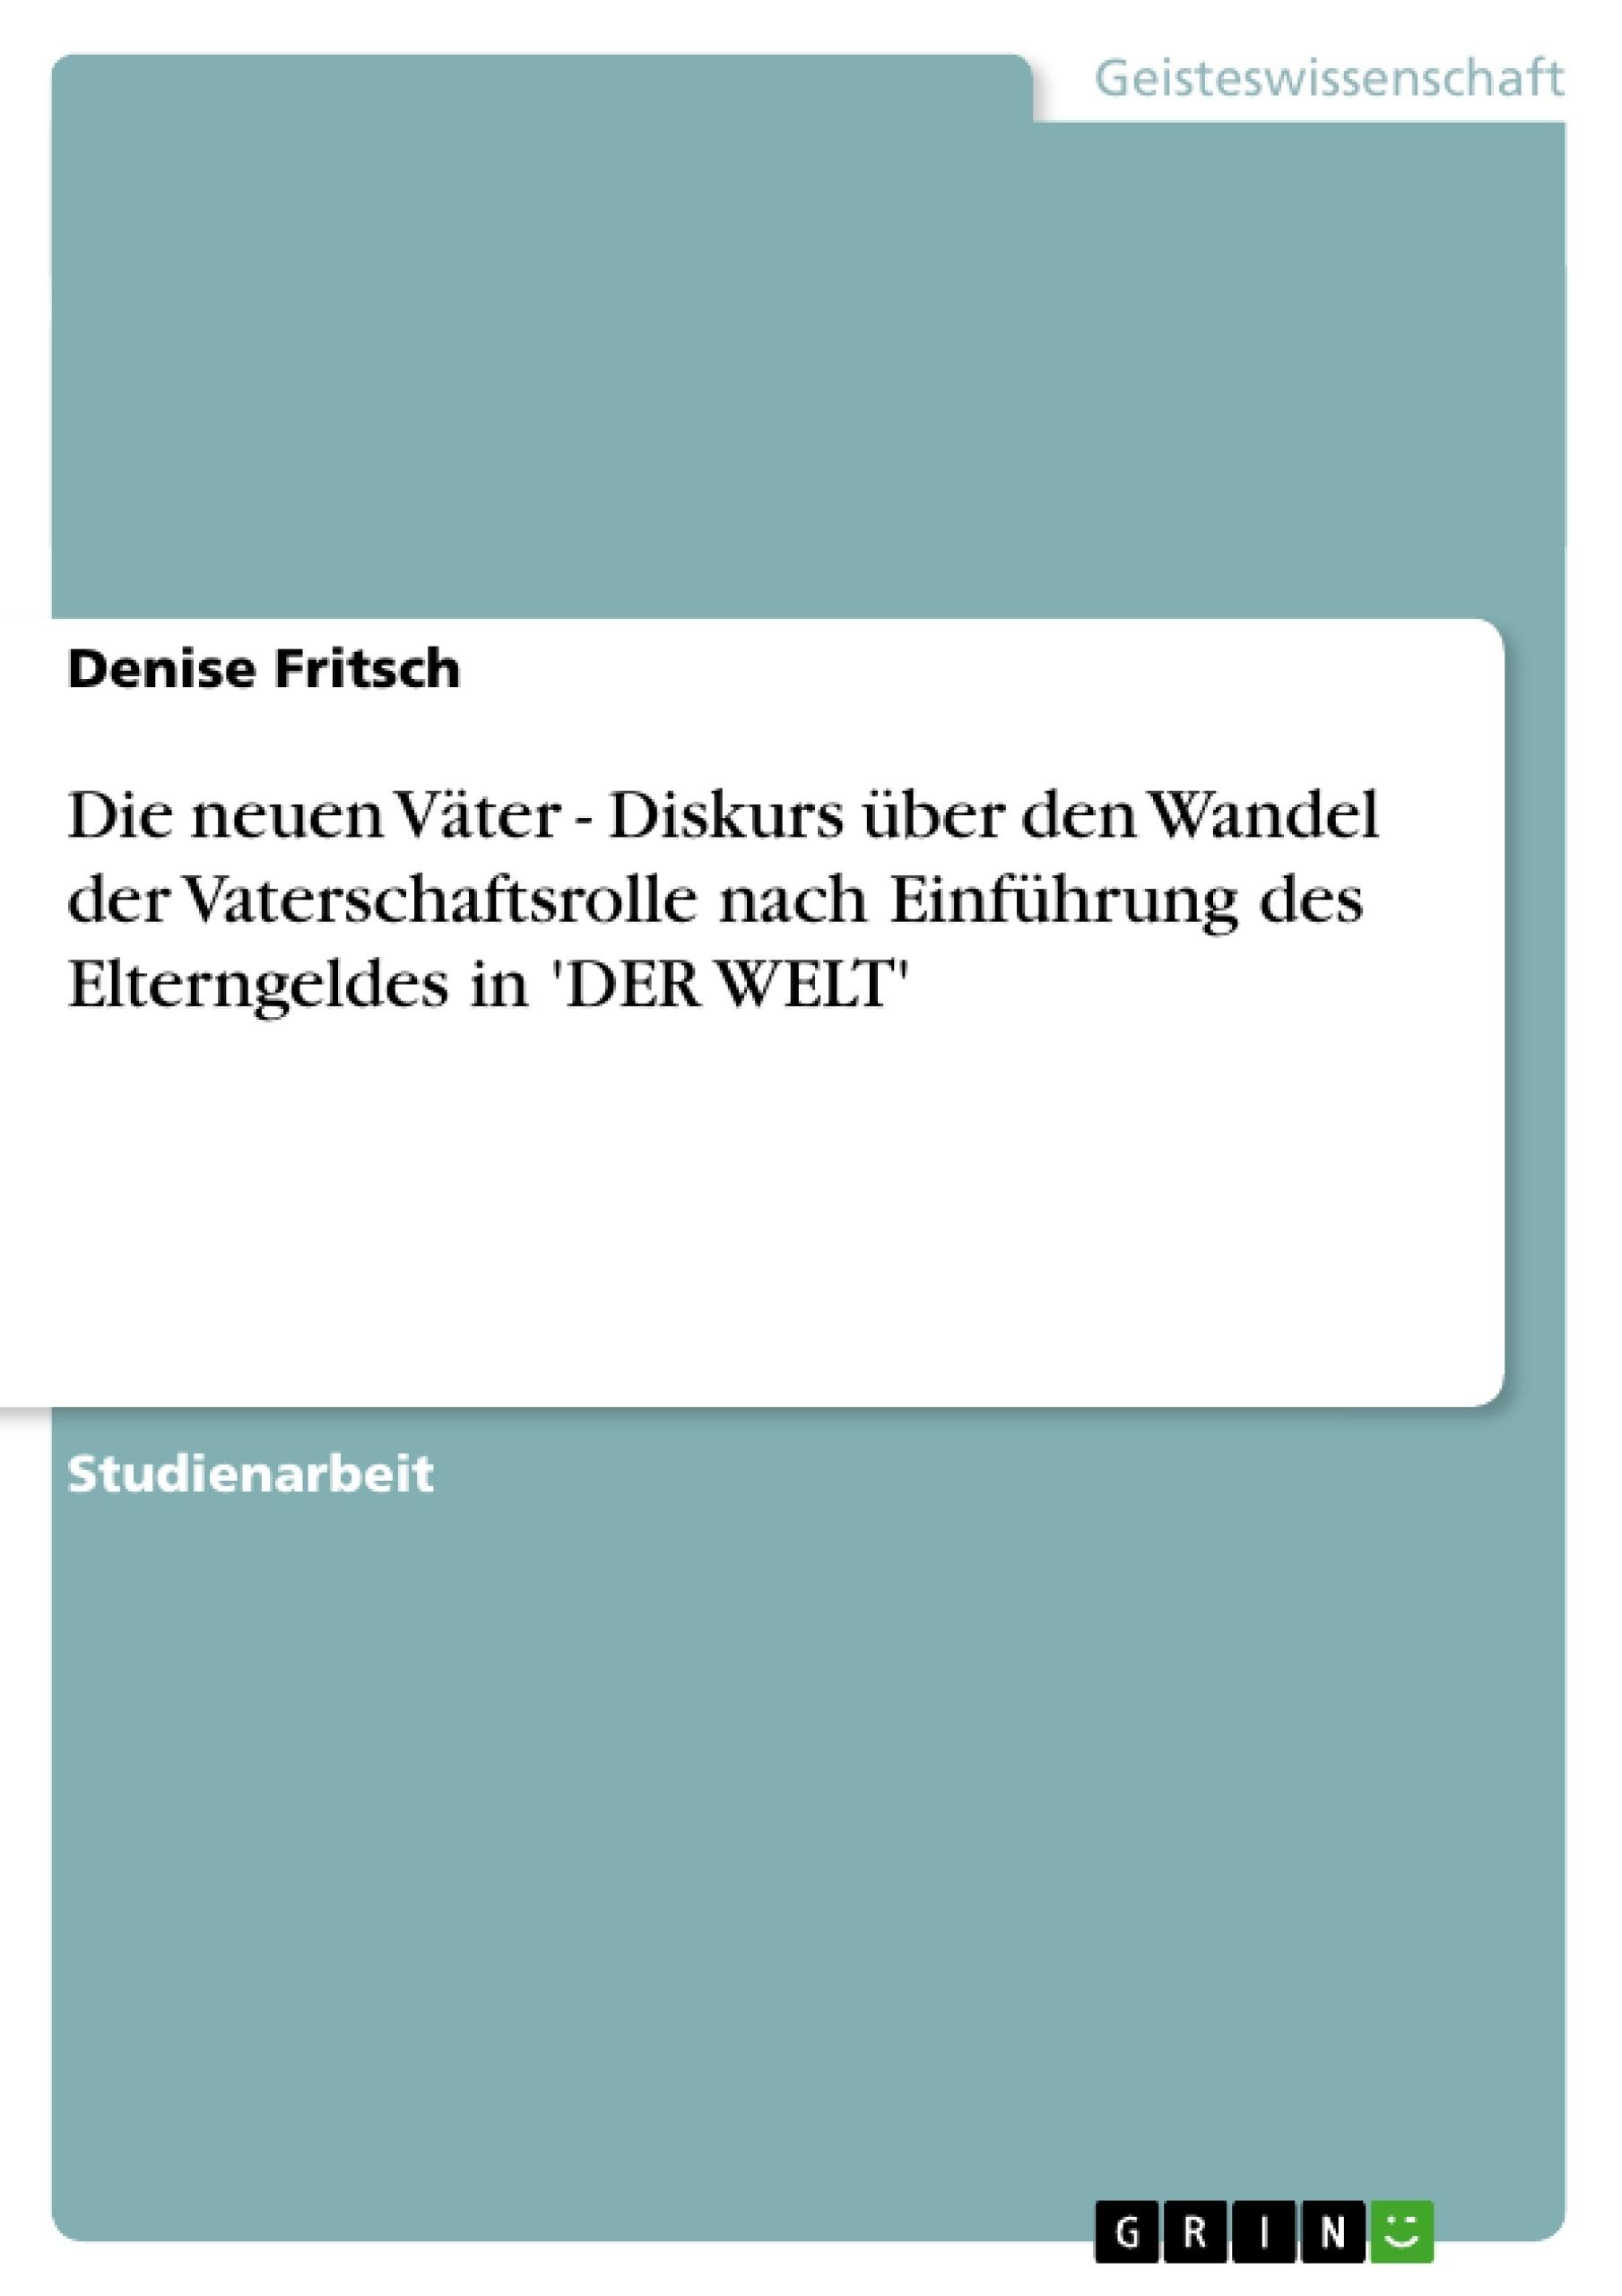 Titel: Die neuen Väter - Diskurs über den Wandel der Vaterschaftsrolle nach Einführung des Elterngeldes in 'DER WELT'